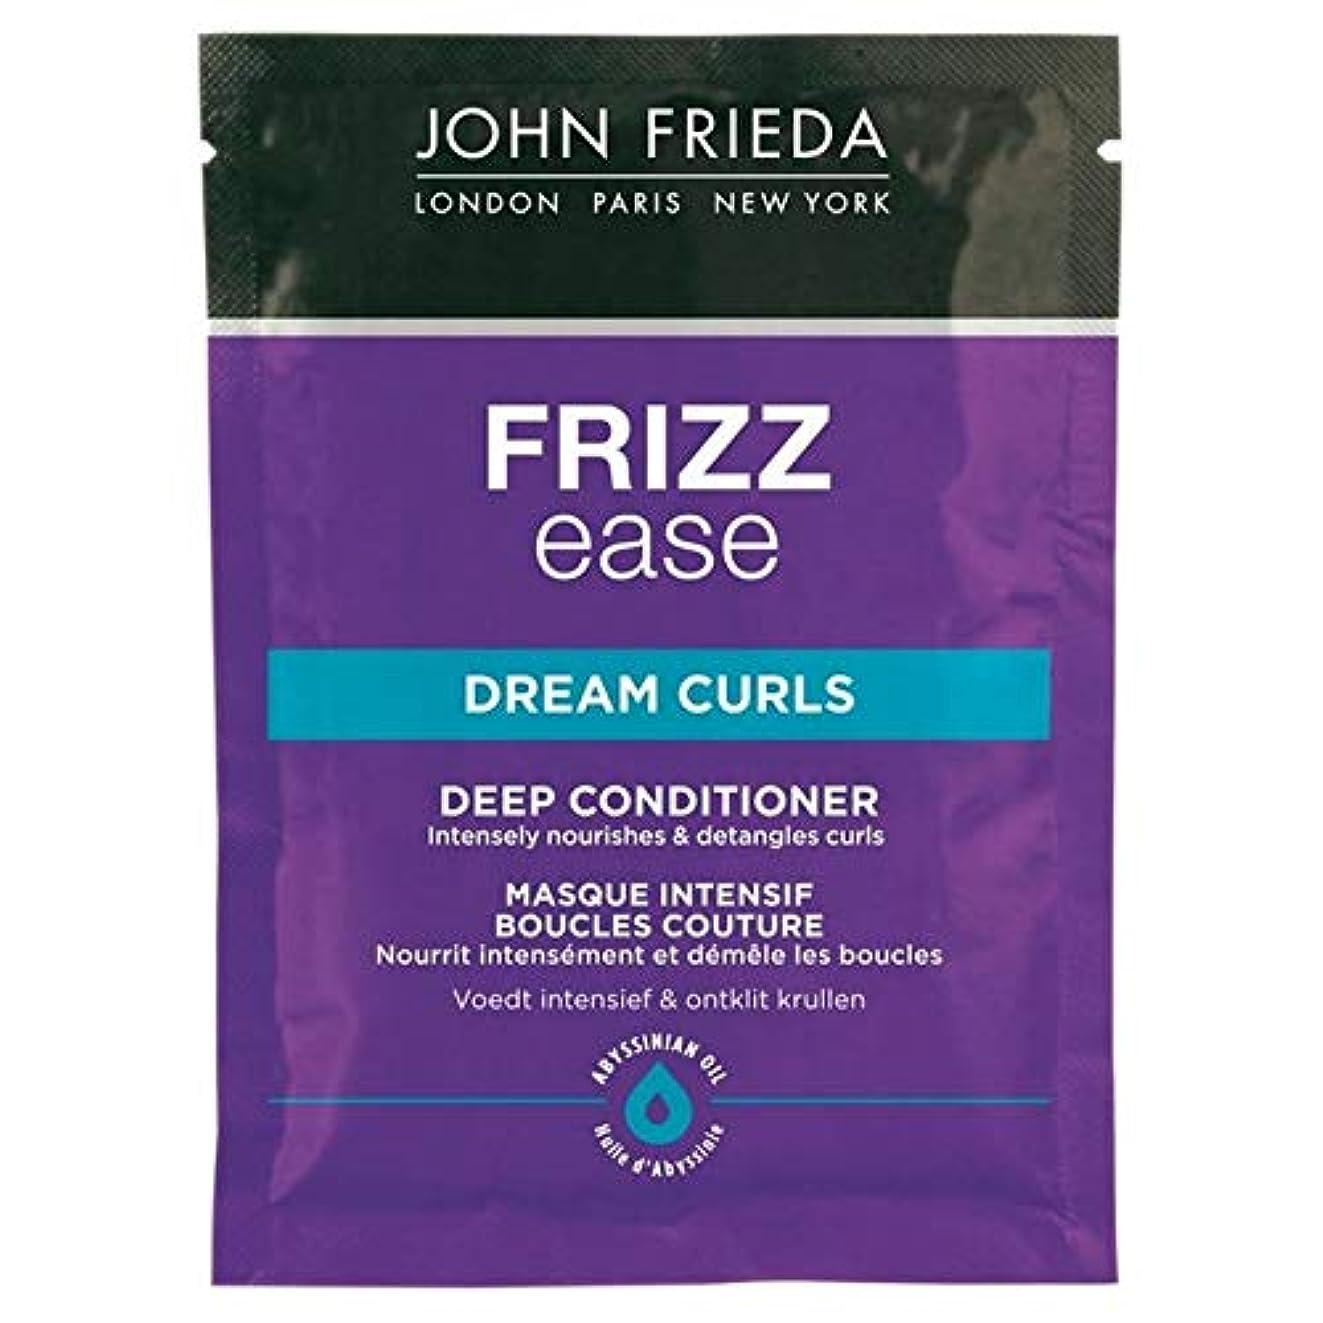 ビンひどい宗教的な[John Frieda ] ジョン?フリーダ縮れ容易夢のカールコンディショナー25ミリリットル - John Frieda Frizz Ease Dream Curls Conditioner 25ml [並行輸入品]